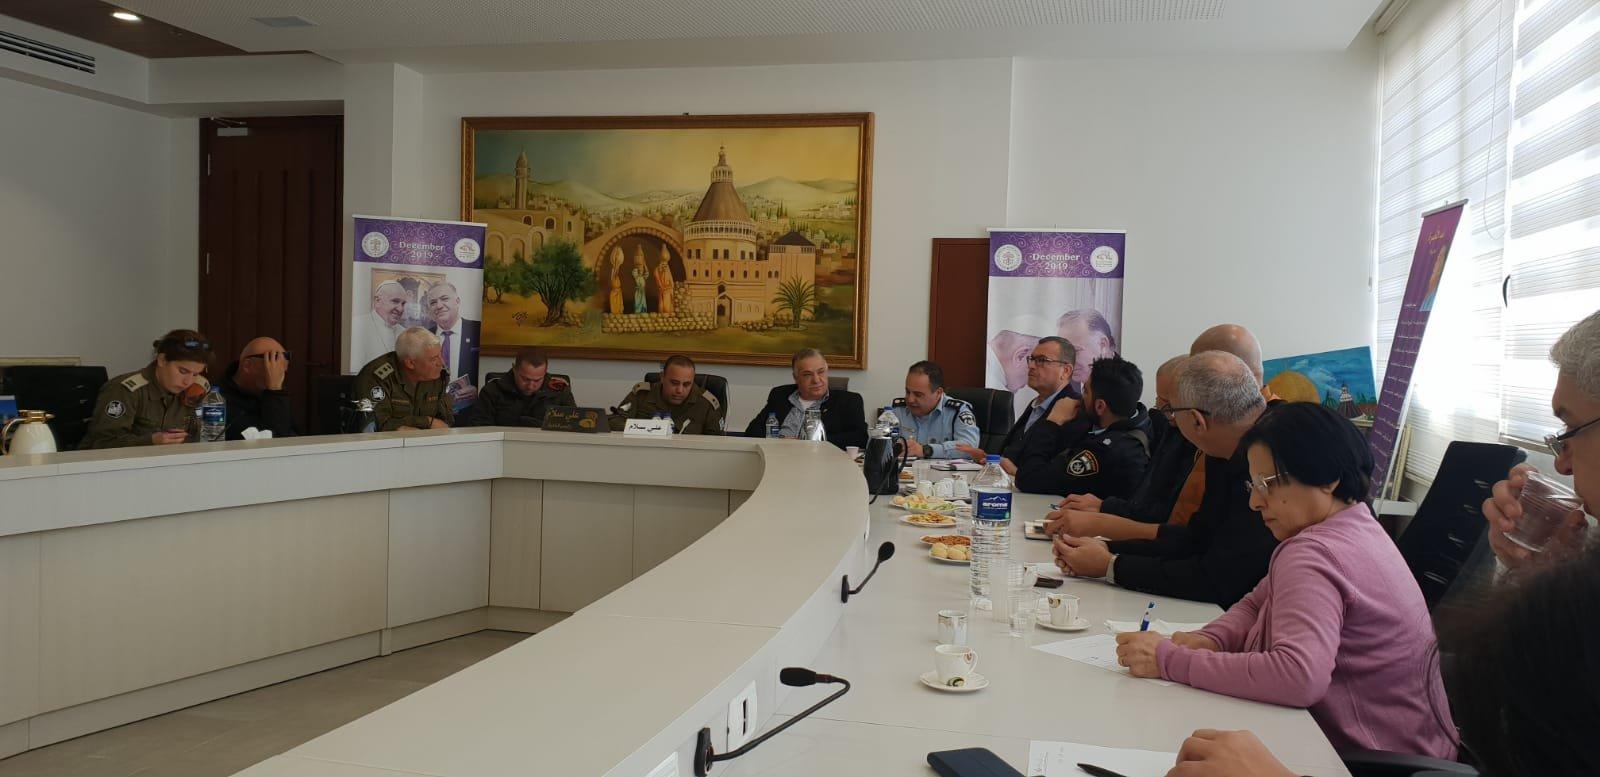 لجنه الطوارئ في بلدية الناصرة تعقد جلسه عمل مع الجبهة الداخلية-2